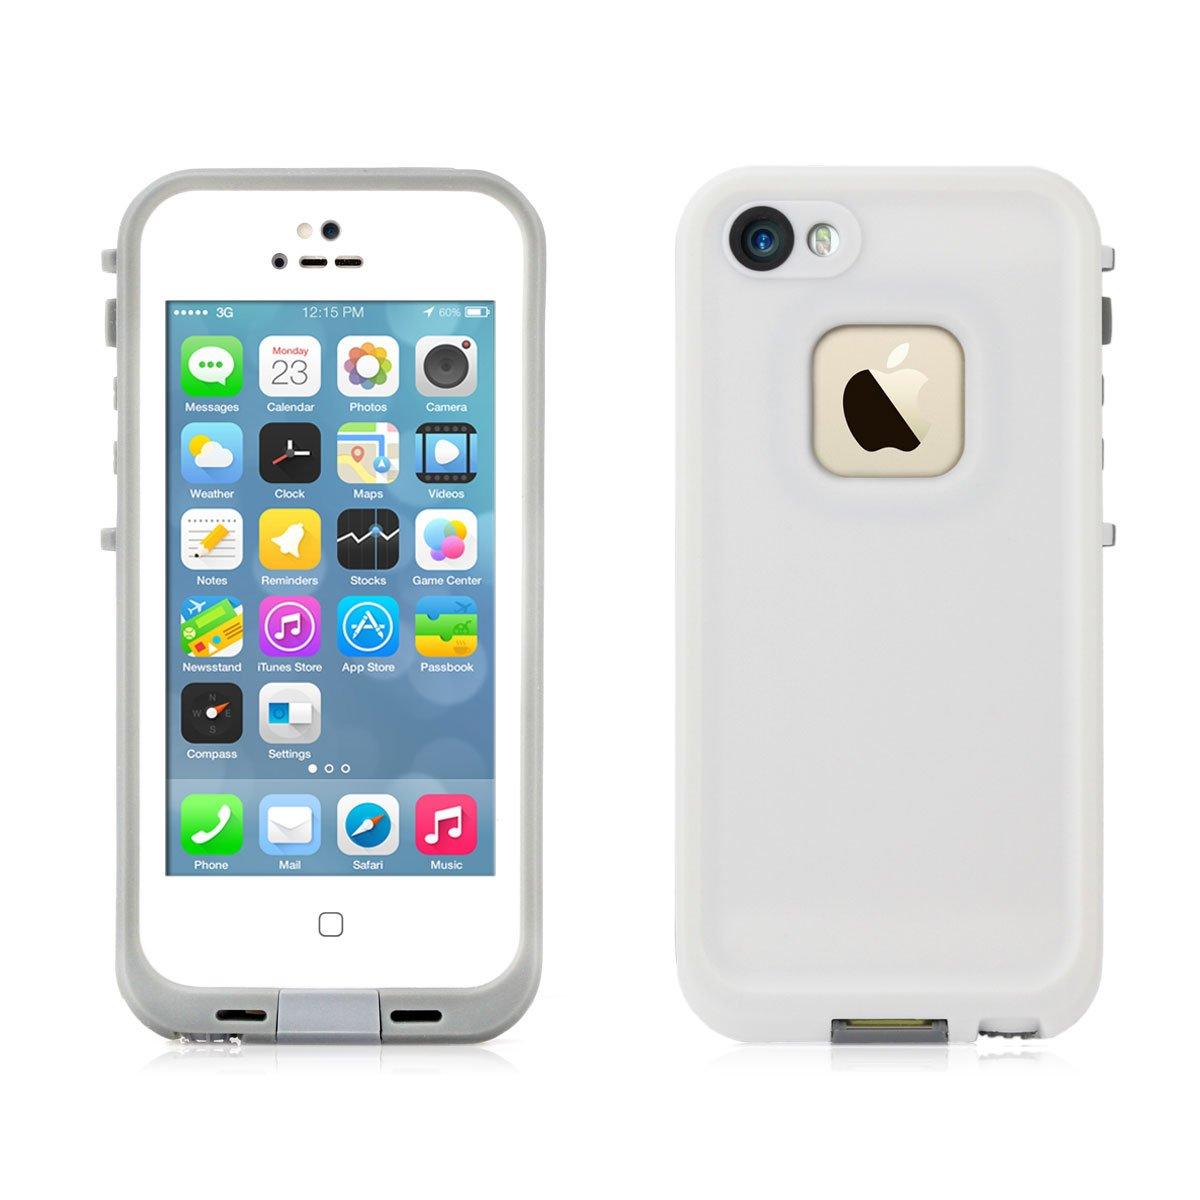 Alienwork Funda für iPhone 5;iPhone 5S Las cuatro pruebas protectora bumper case Resistente al agua Plástico gris AP533-02 - Electrónica Comentarios y más información